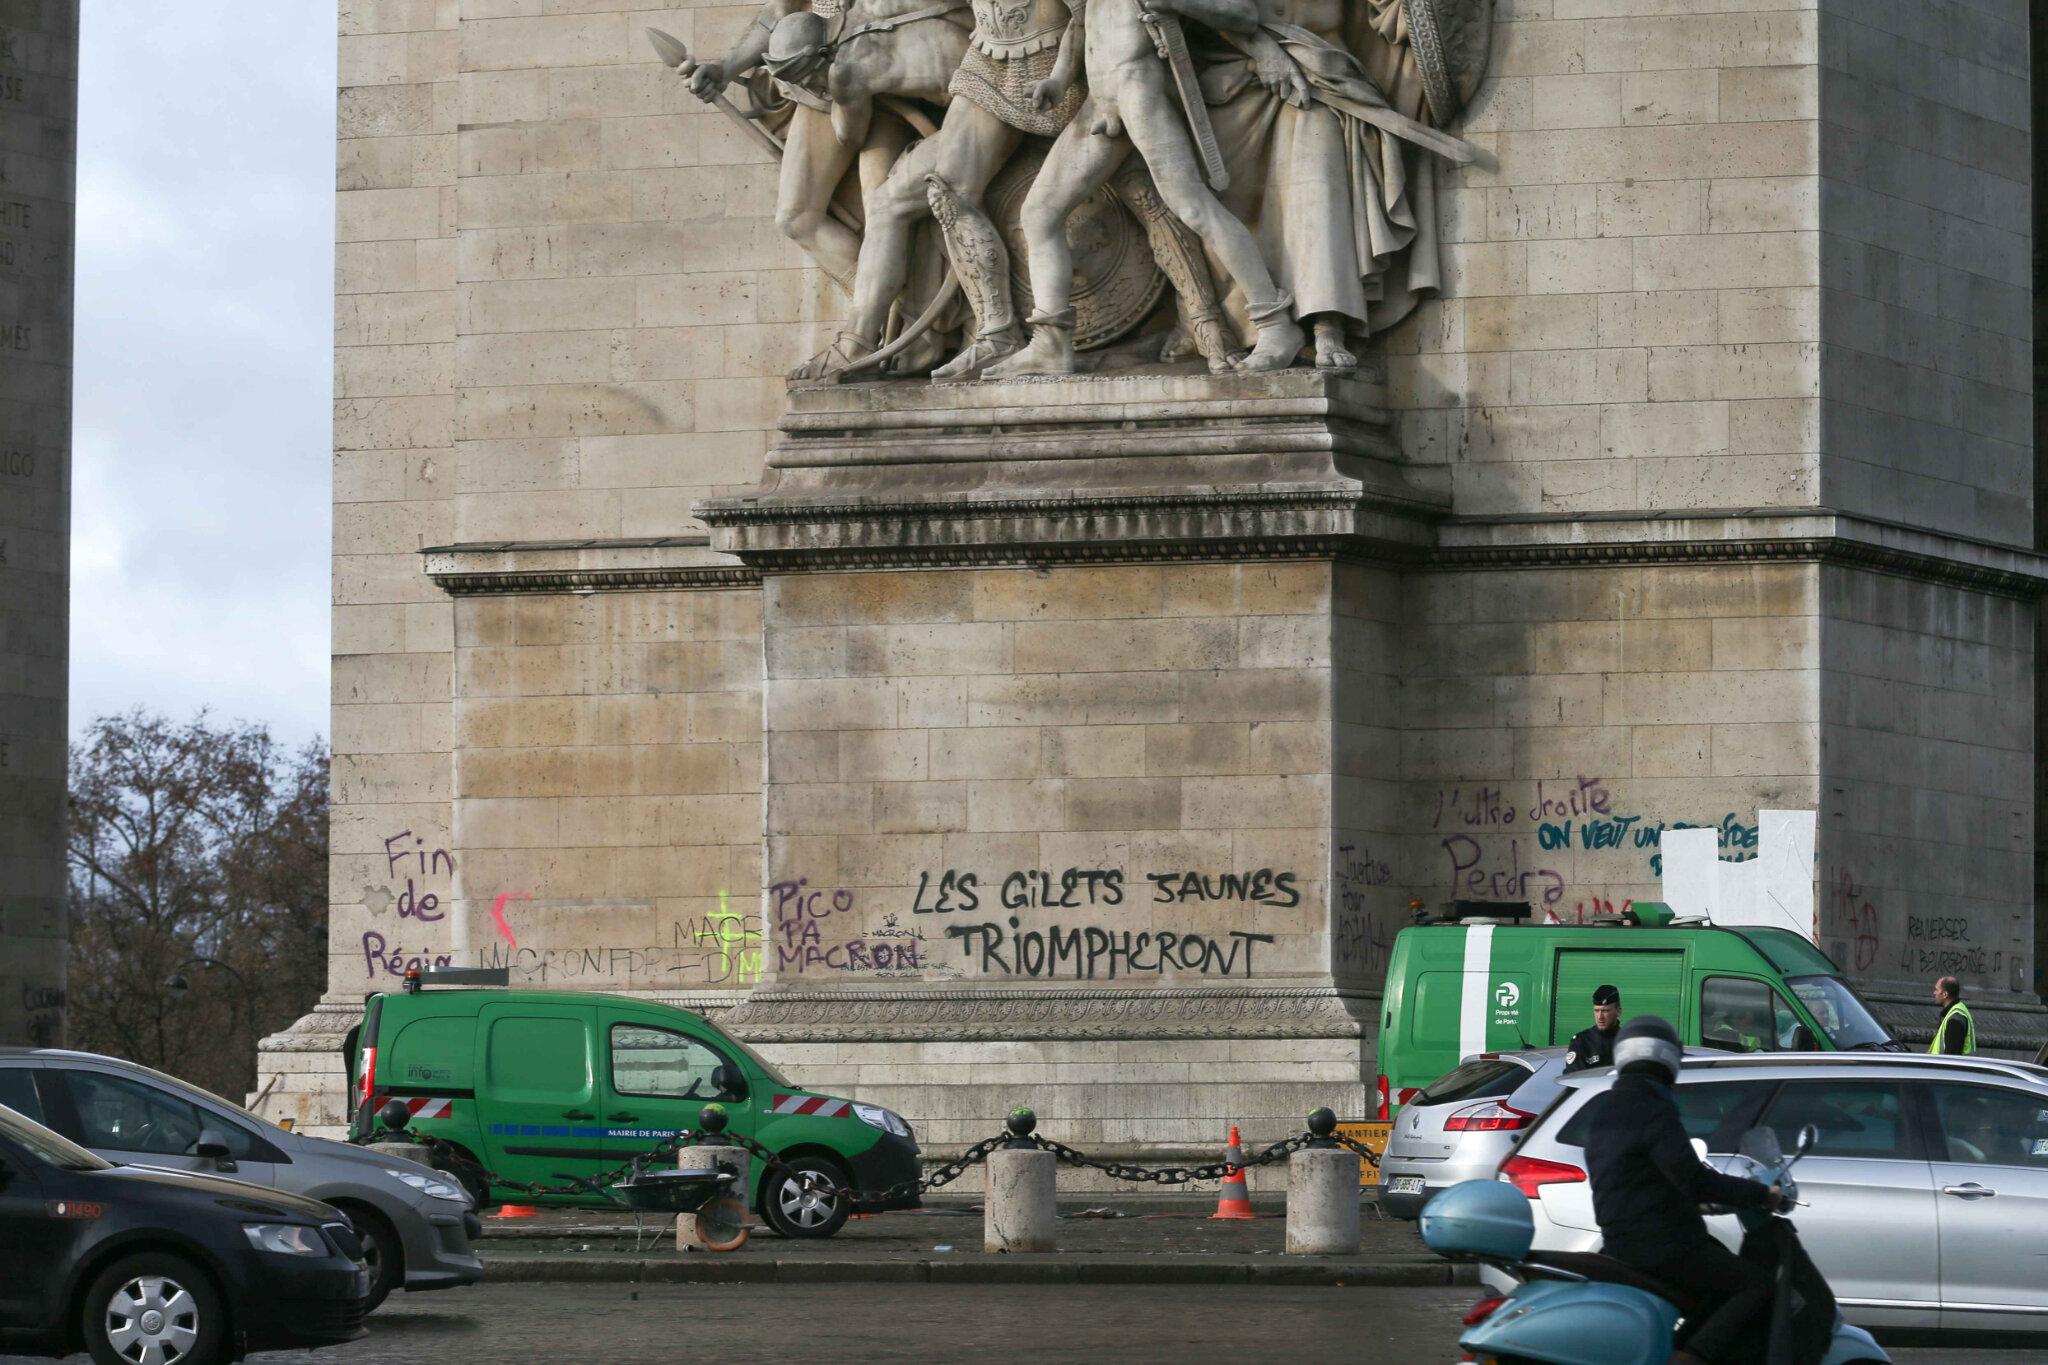 Gilets jaunes : l'Arc de Triomphe pris d'assaut. © Michel Stoupak. Dim 02.12.2018, 10h49m28.